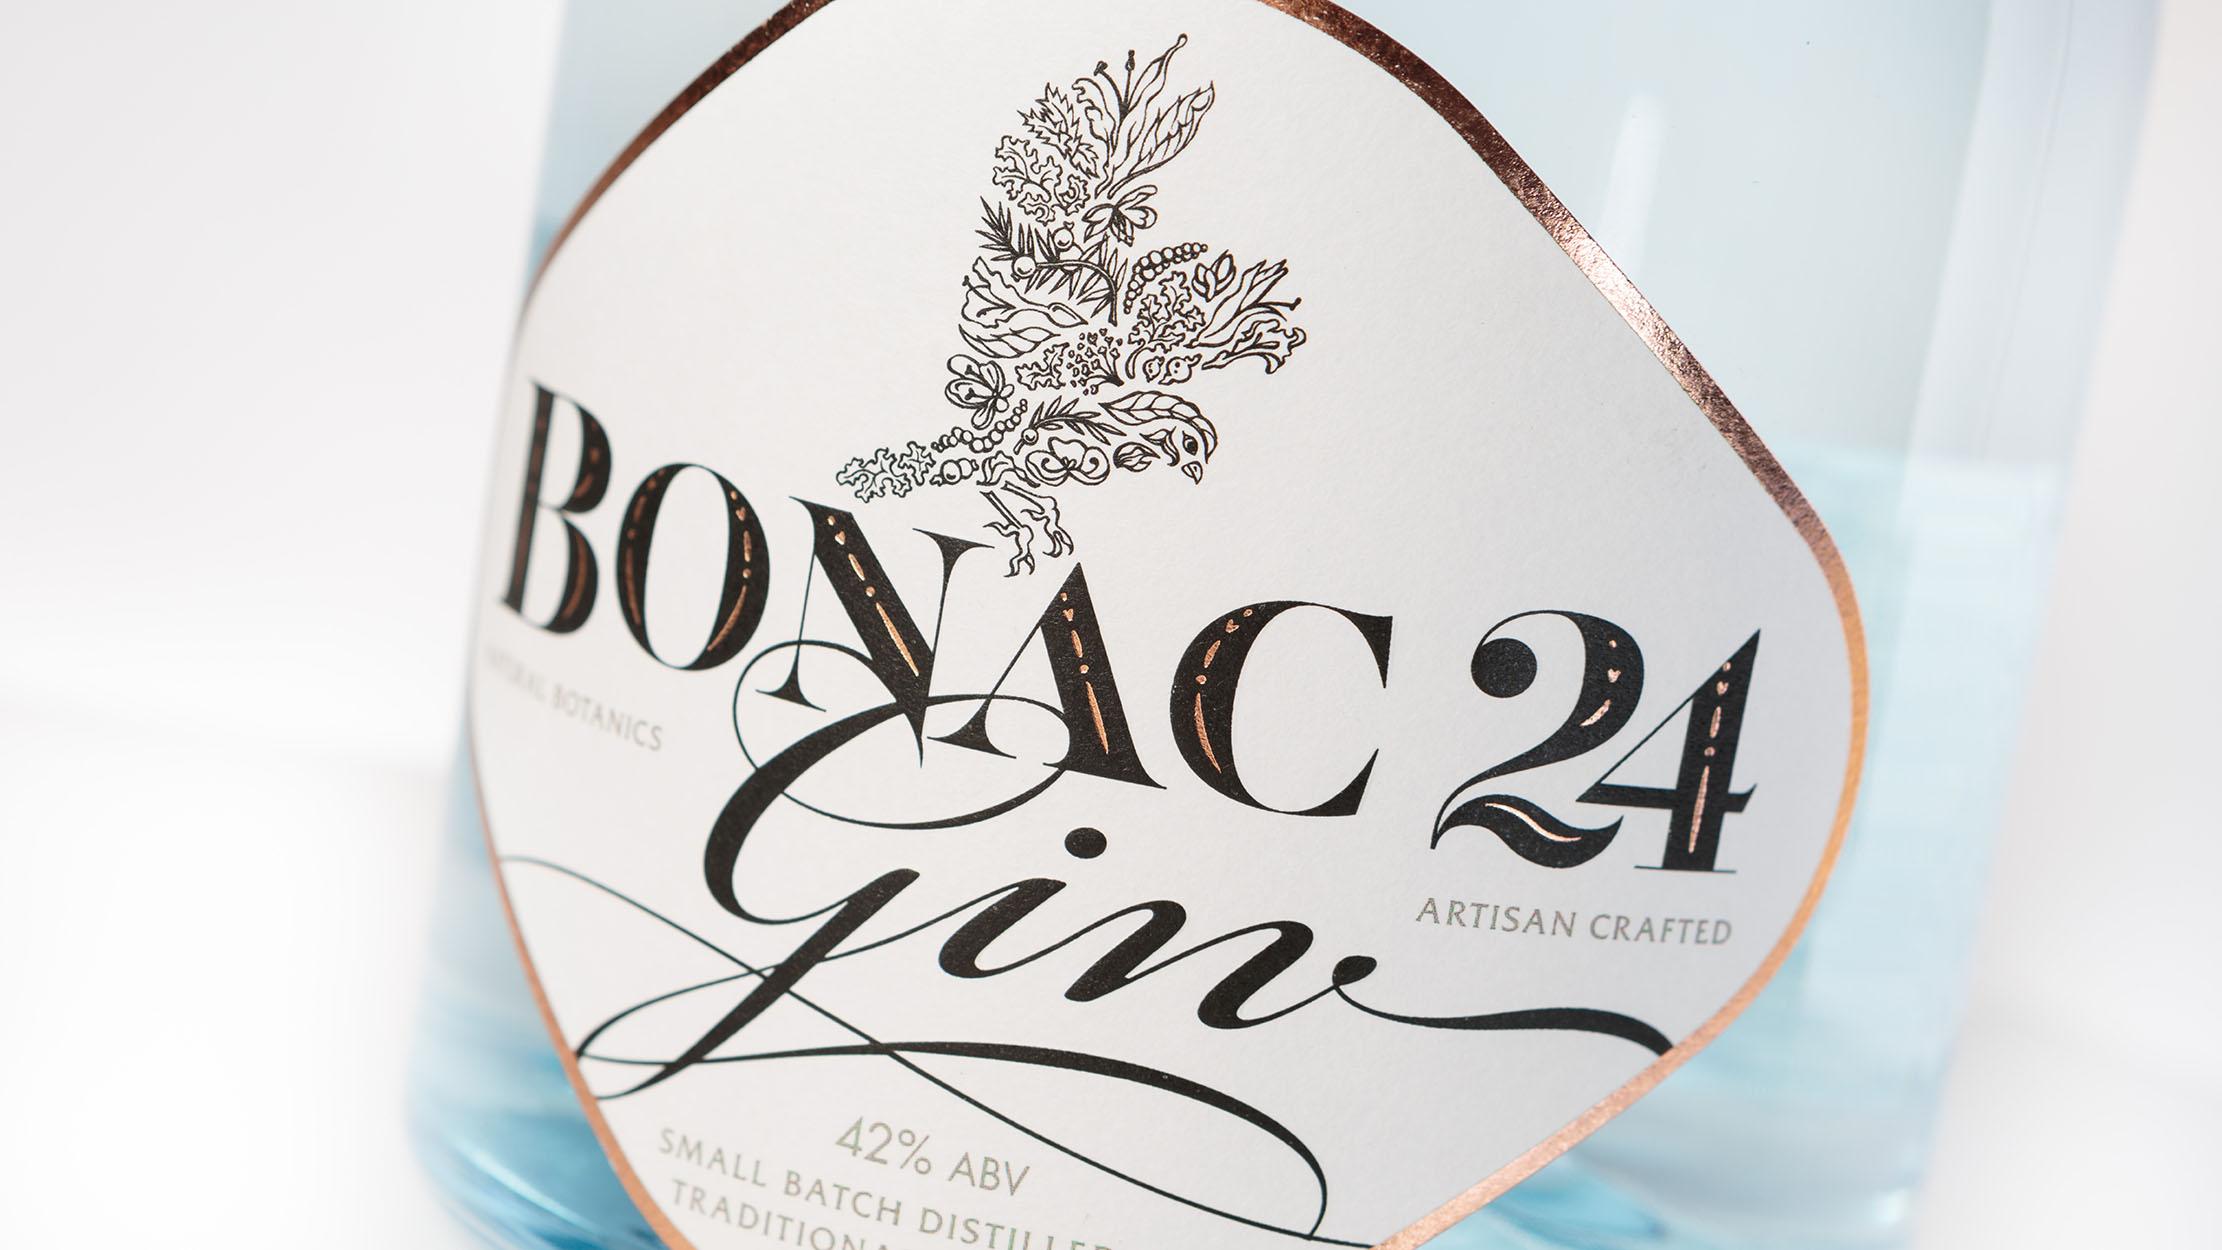 Bonac-24-Gin-2.jpg